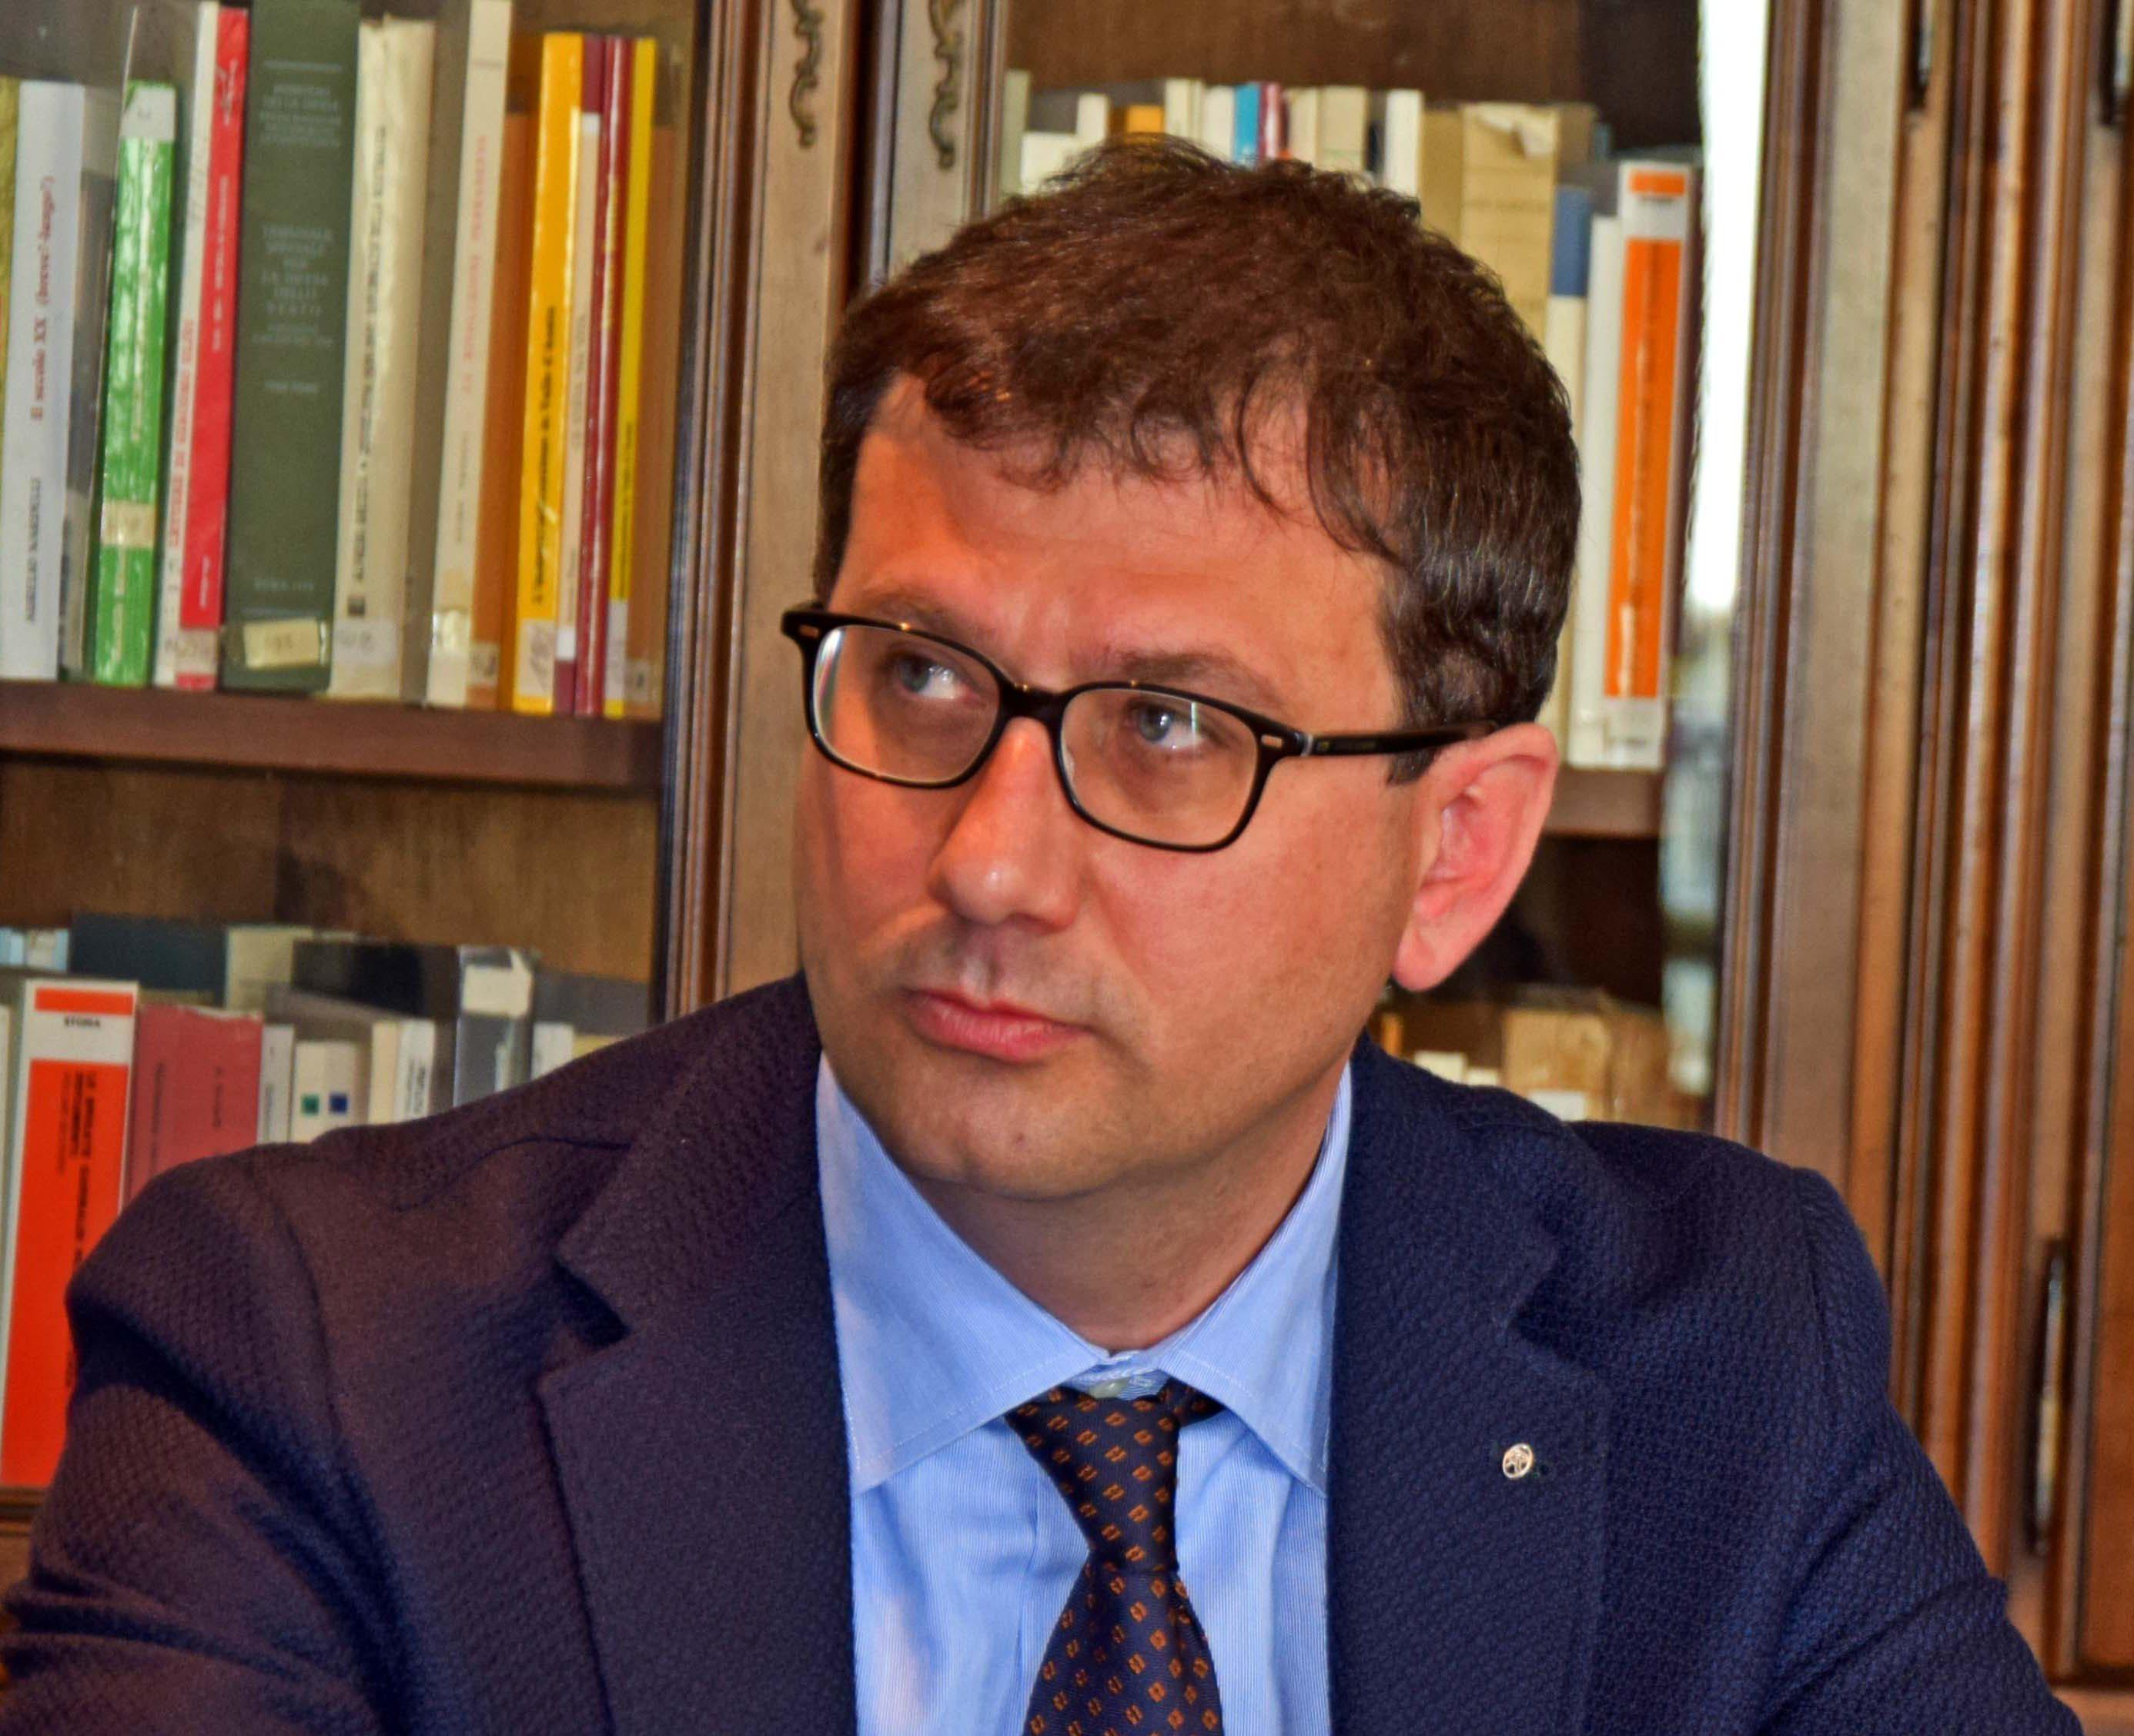 Aumentato del 50% il sostegno al Soccorso Alpino e Speleologico Abruzzese